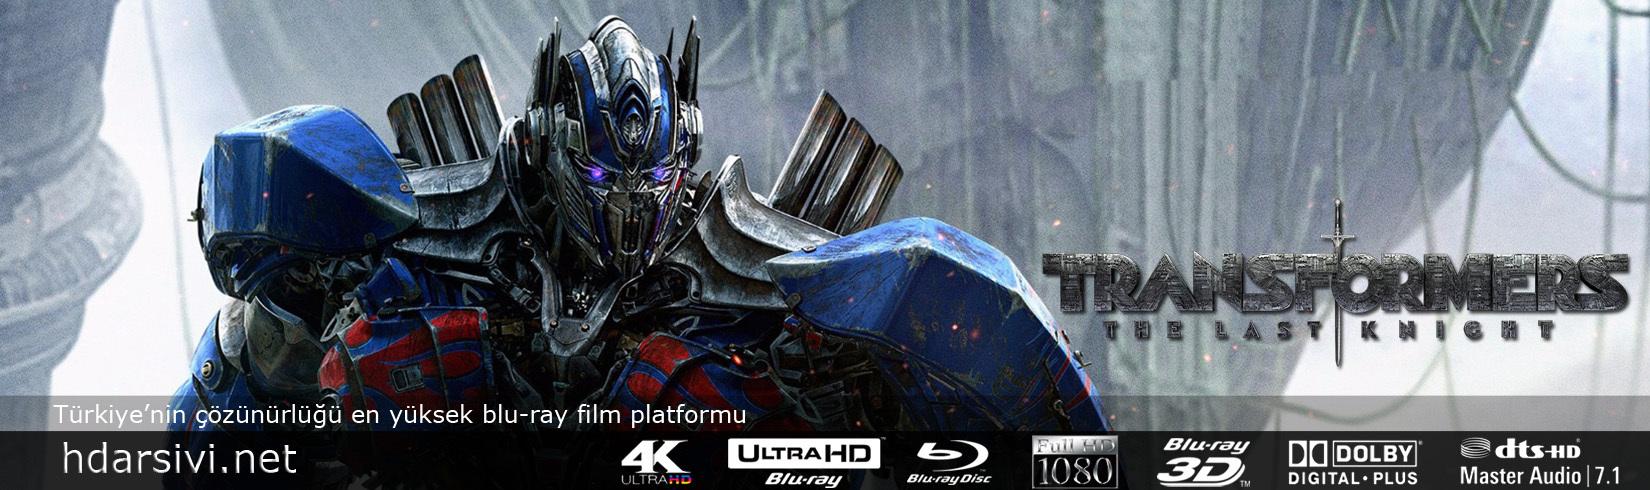 Türkiyenin Çözünürlüğü En Yüksek HD Blu-Ray Film Platformu...